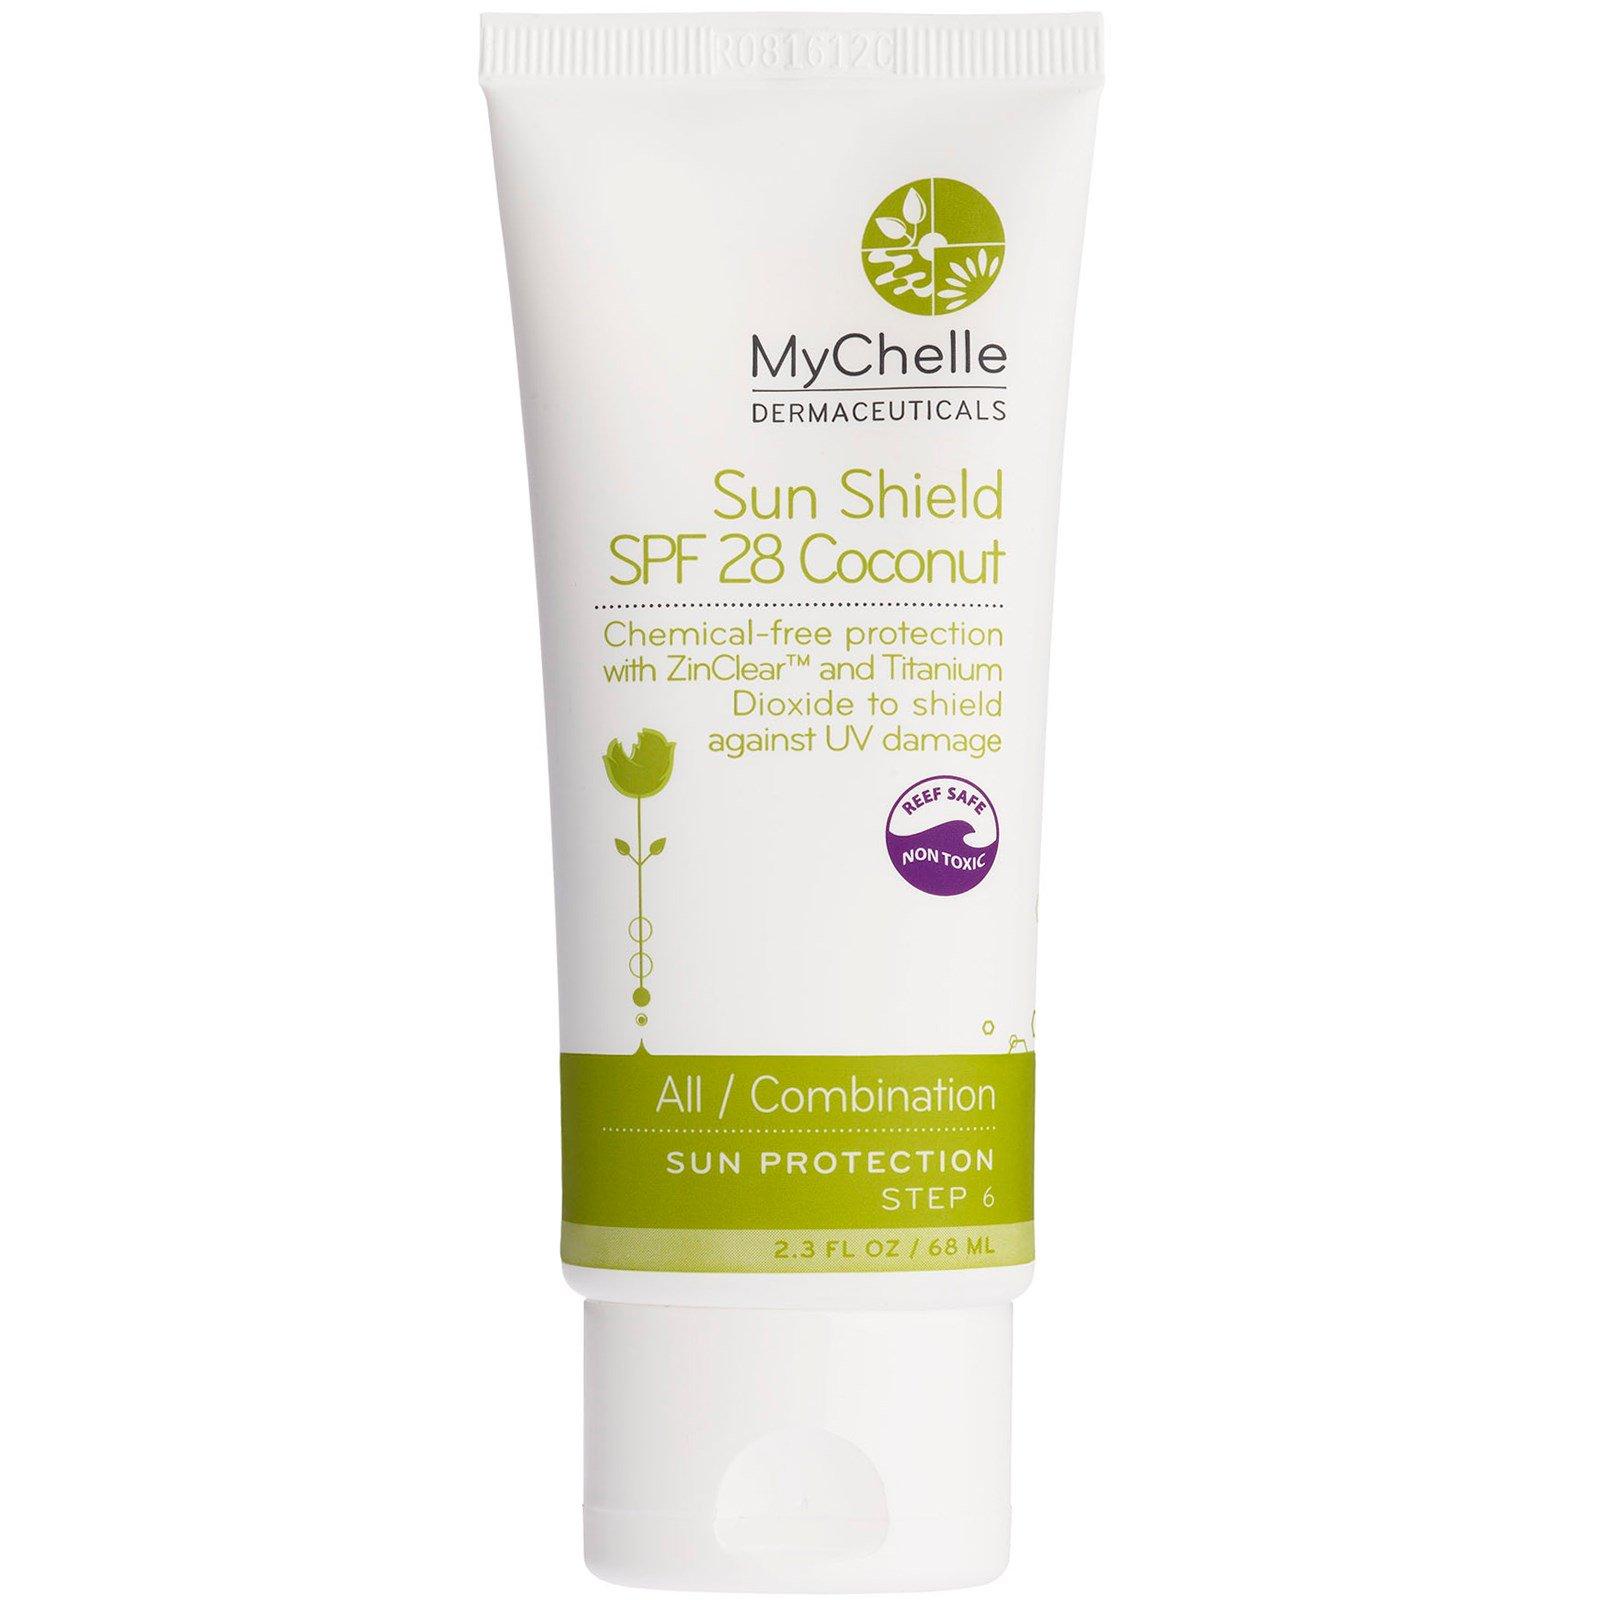 MyChelle Dermaceuticals, Кокосовый солнцезащитный крем, фактор защиты SPF 28, все/комбинация, защита от солнца, шаг 6, 2,3 жидк. унц. (68 мл)